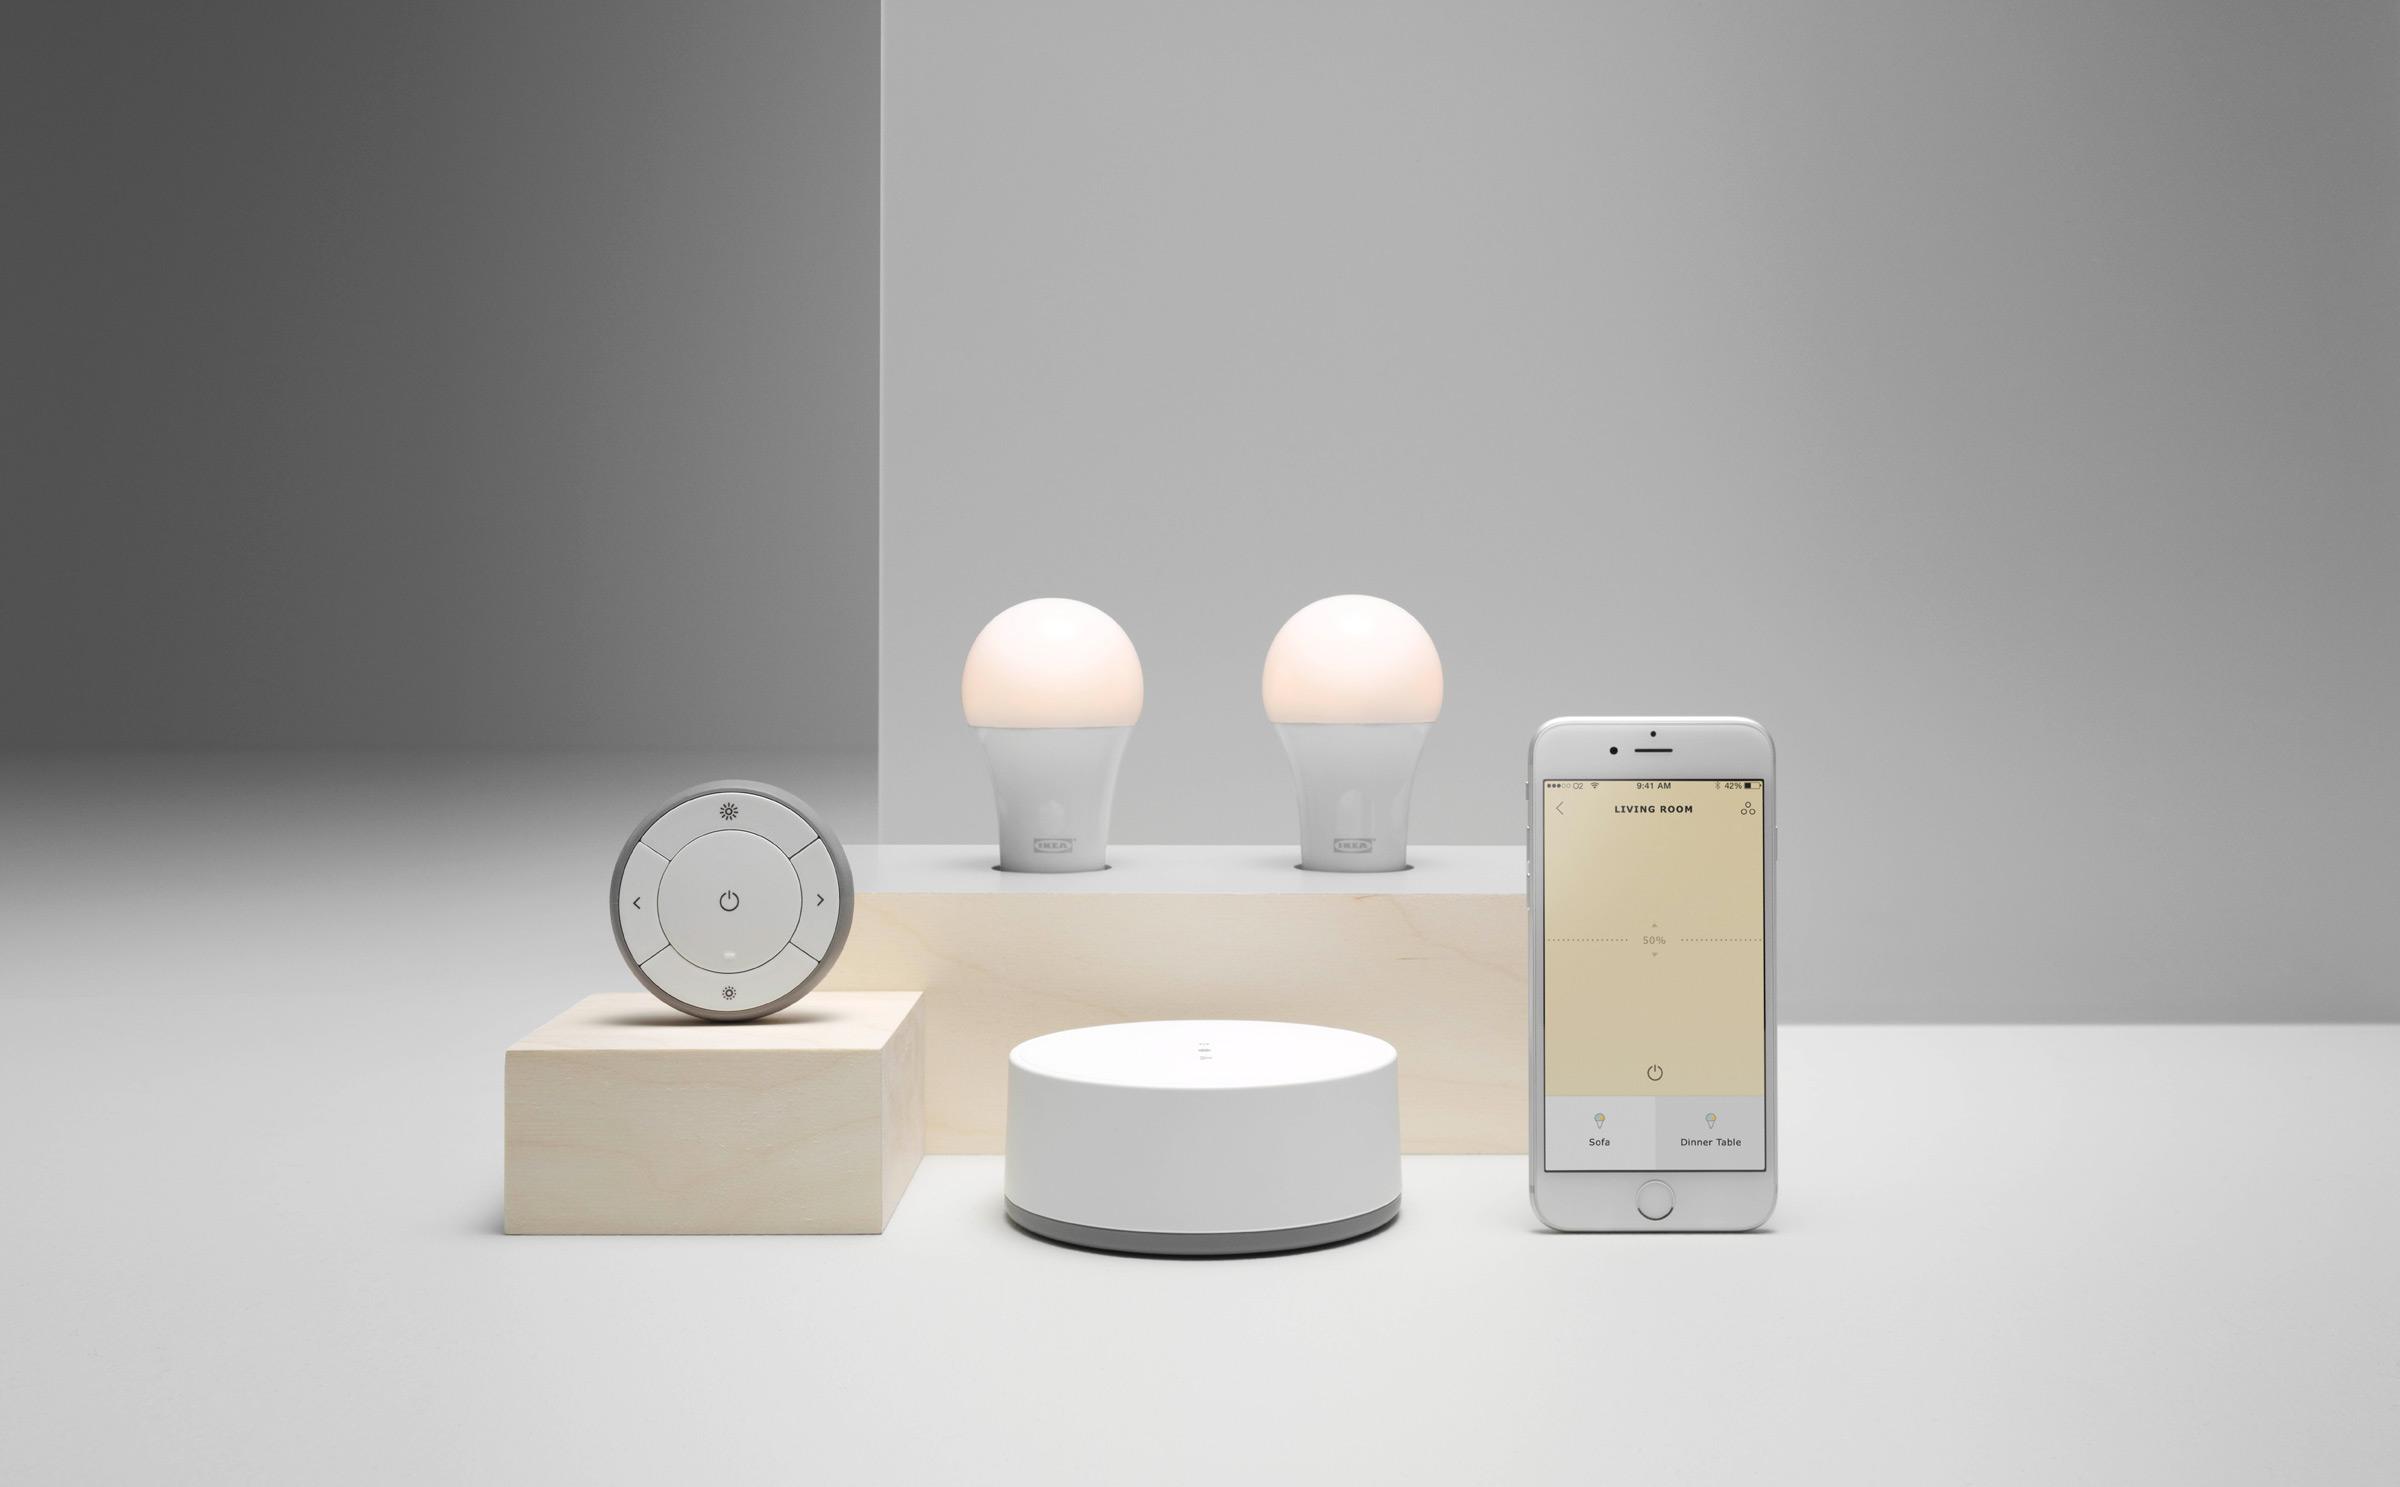 Ikea devient partenaire d'Amazon, Google et Apple